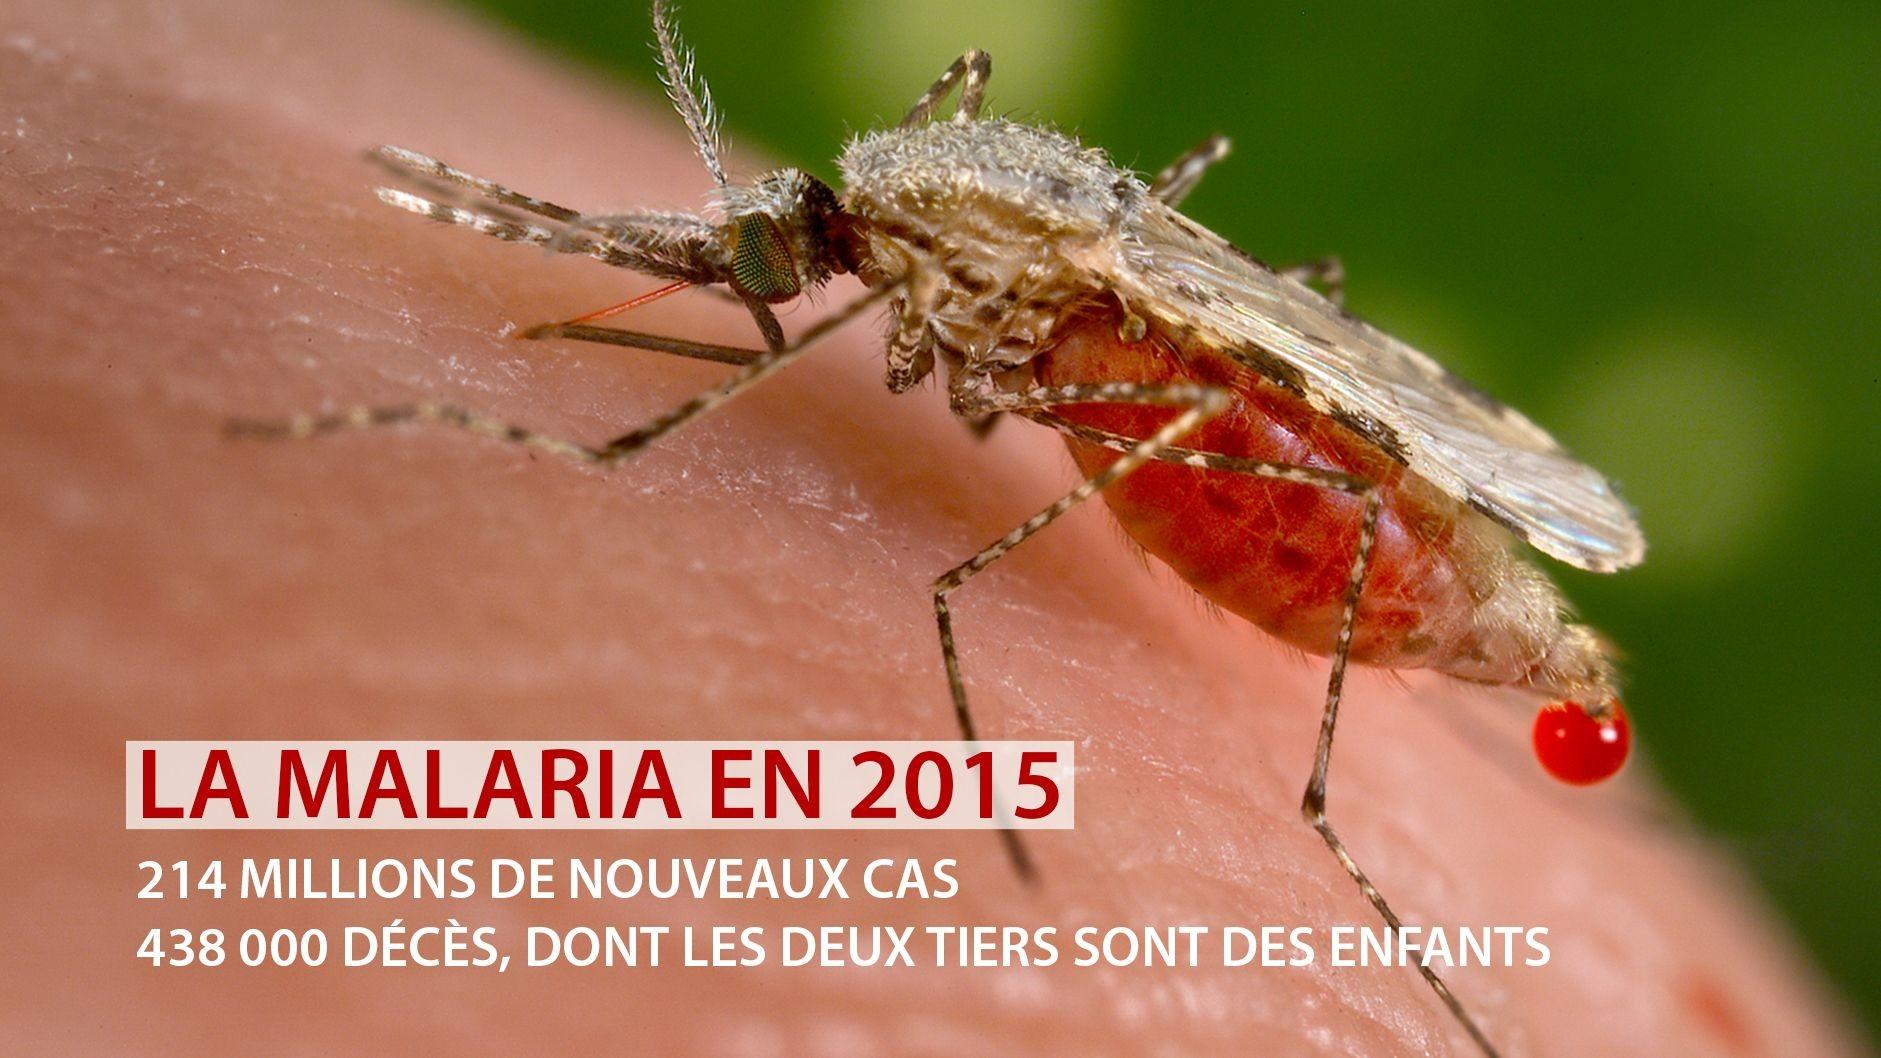 Bill Gates et le Royaume-Uni investiront 4 milliards d'euro pour éradiquer le paludisme